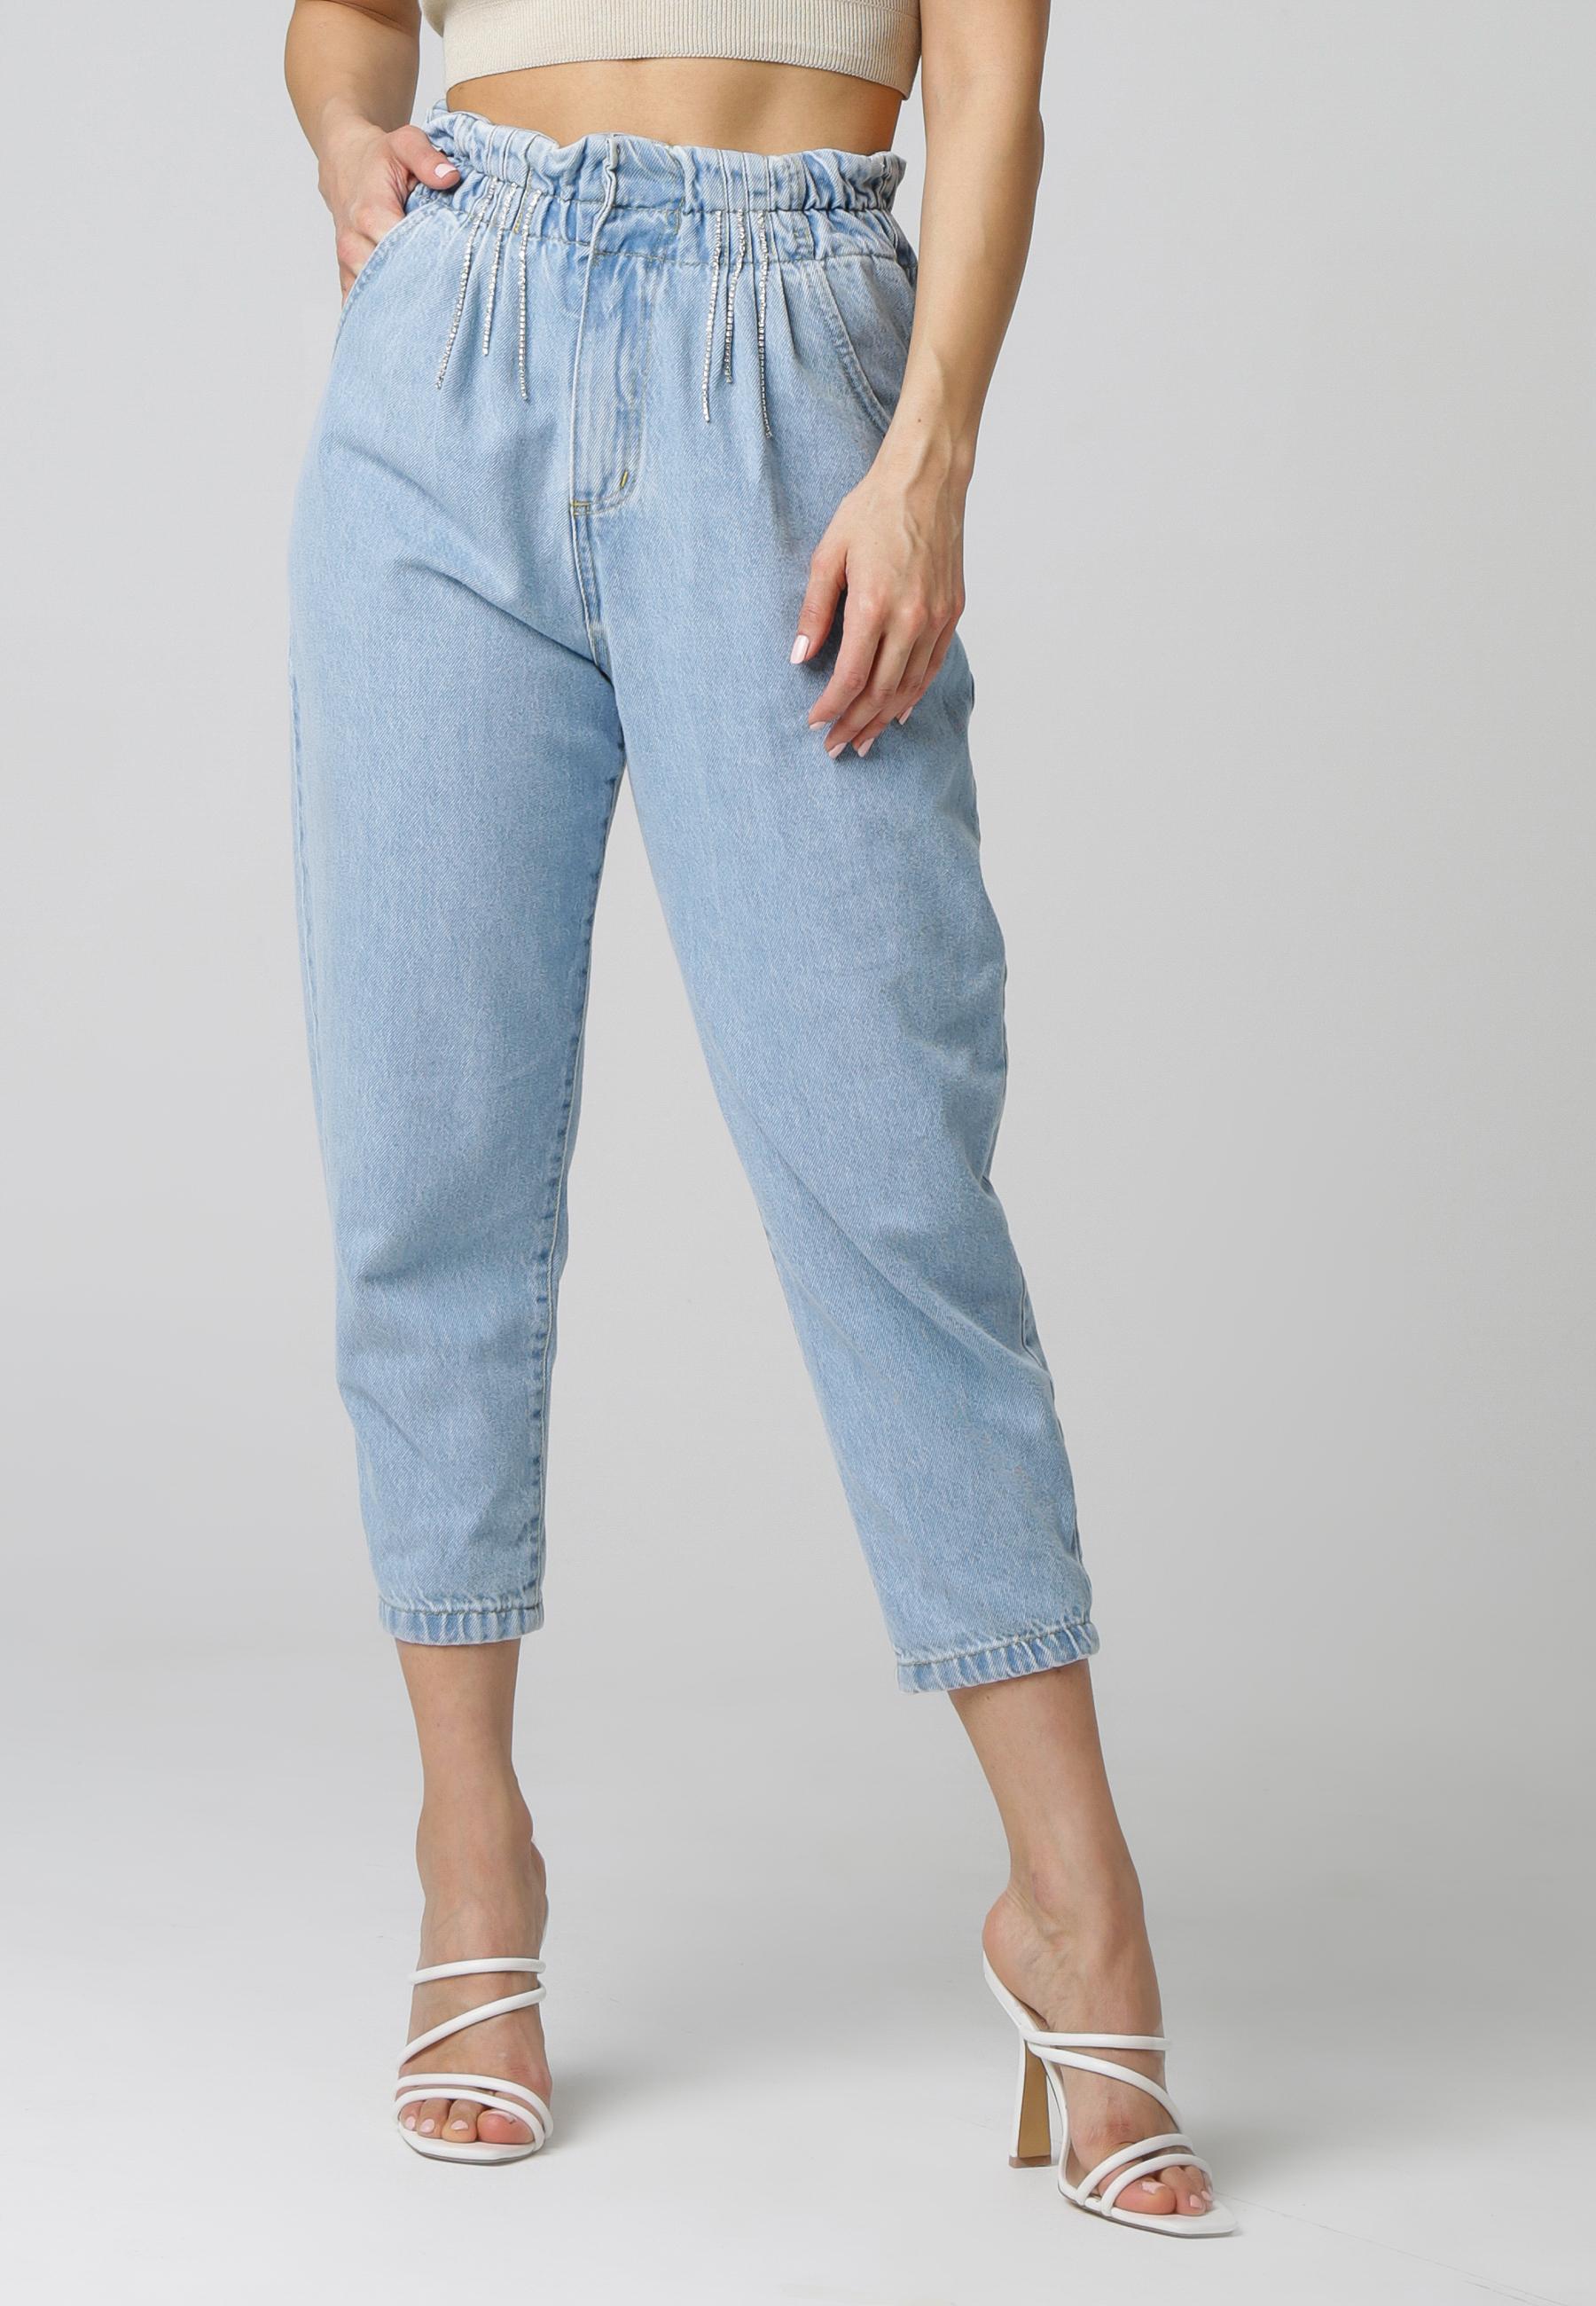 MiaZAYA Paperbag Jeans Strass